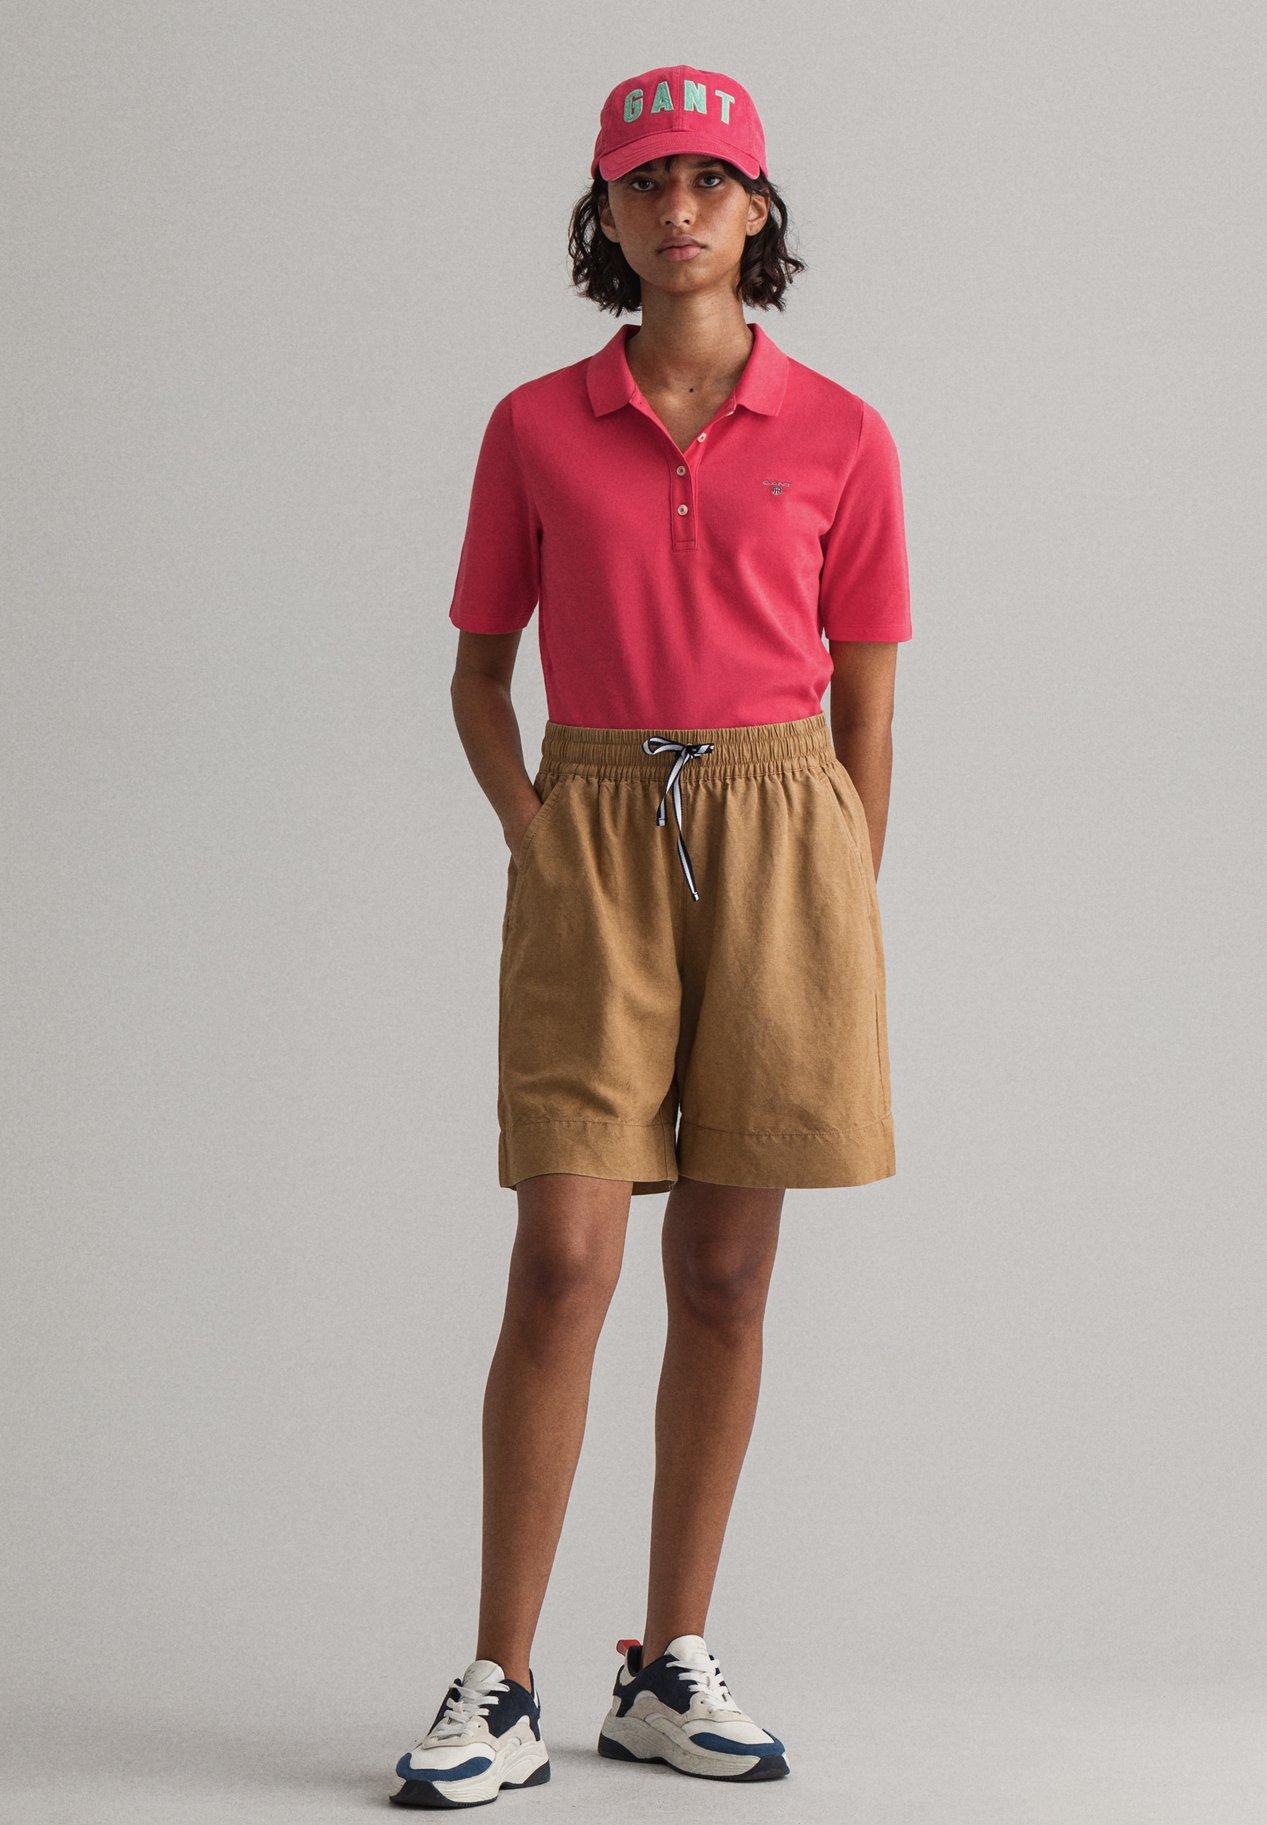 Damen Poloshirt - rot